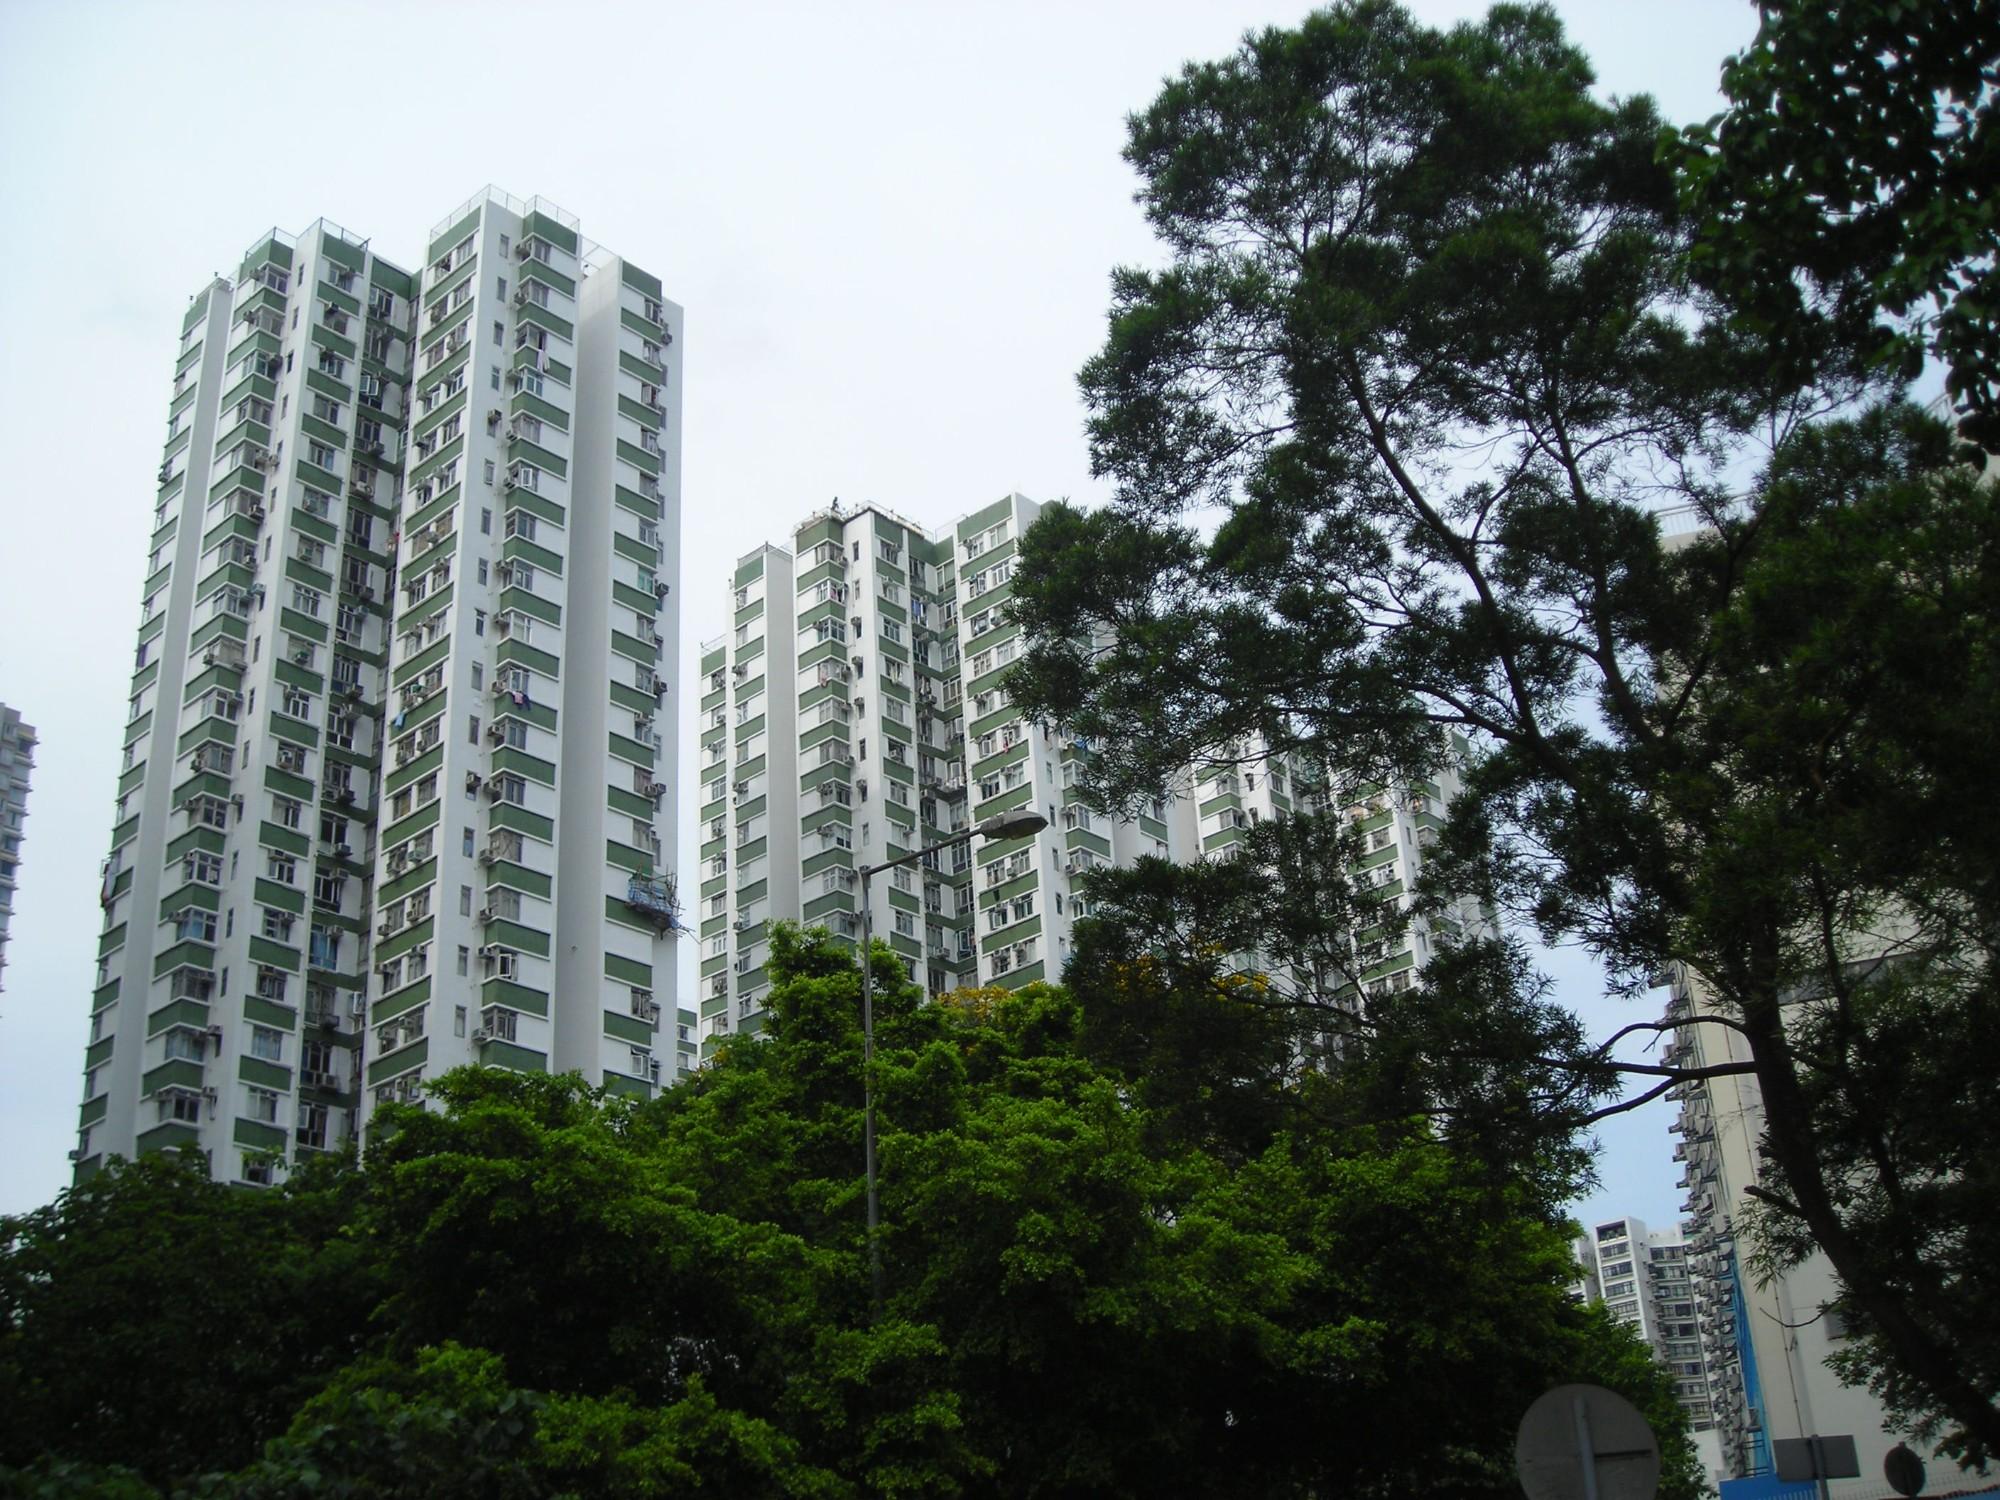 鰂魚涌 住宅 南豐新邨 基利坊 15號